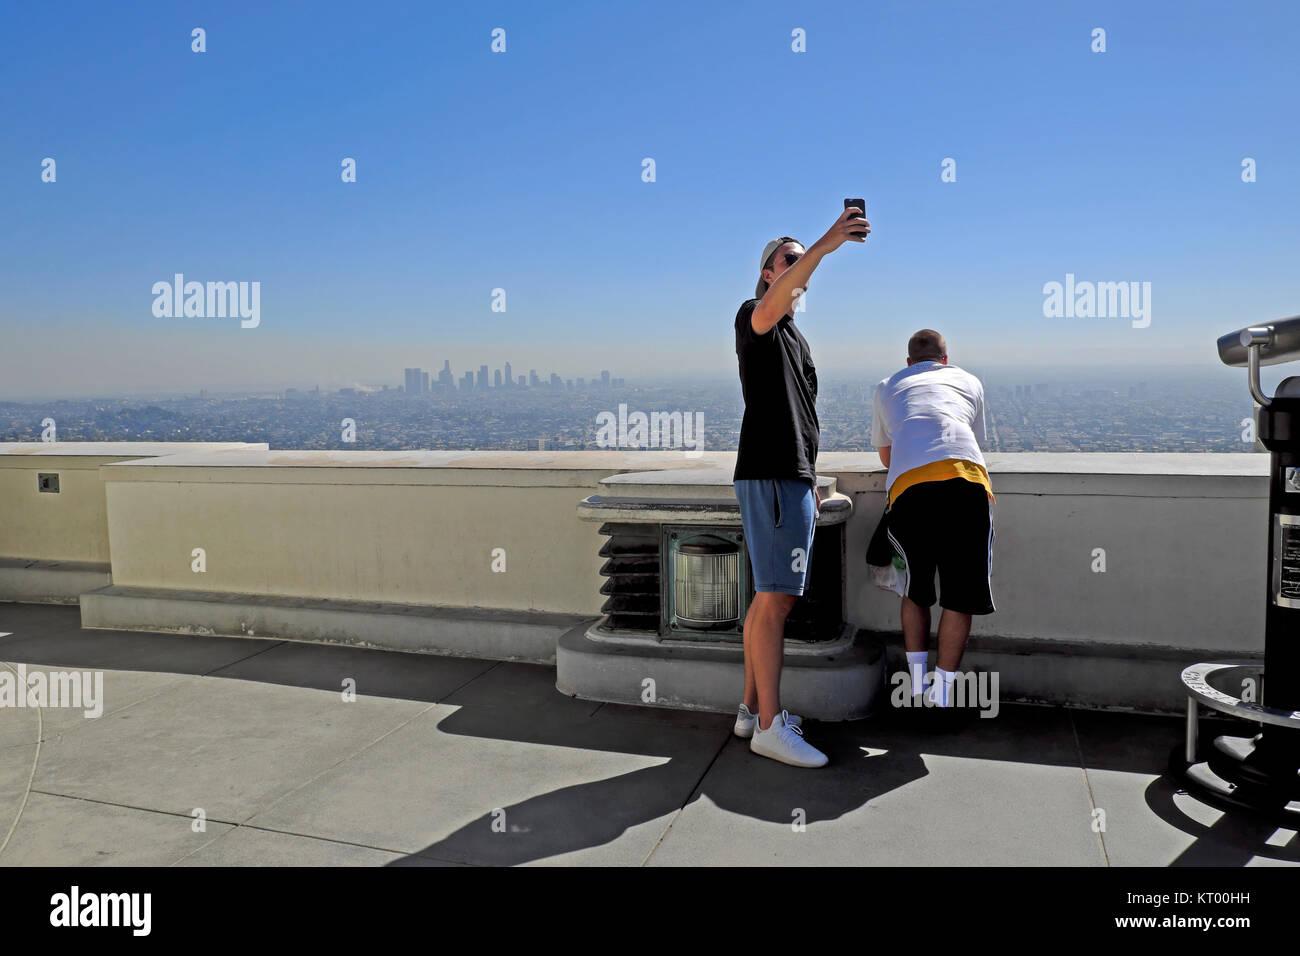 Un Giovane Uomo Prendendo Un Selfie Con La Downtown Sfondo Dall